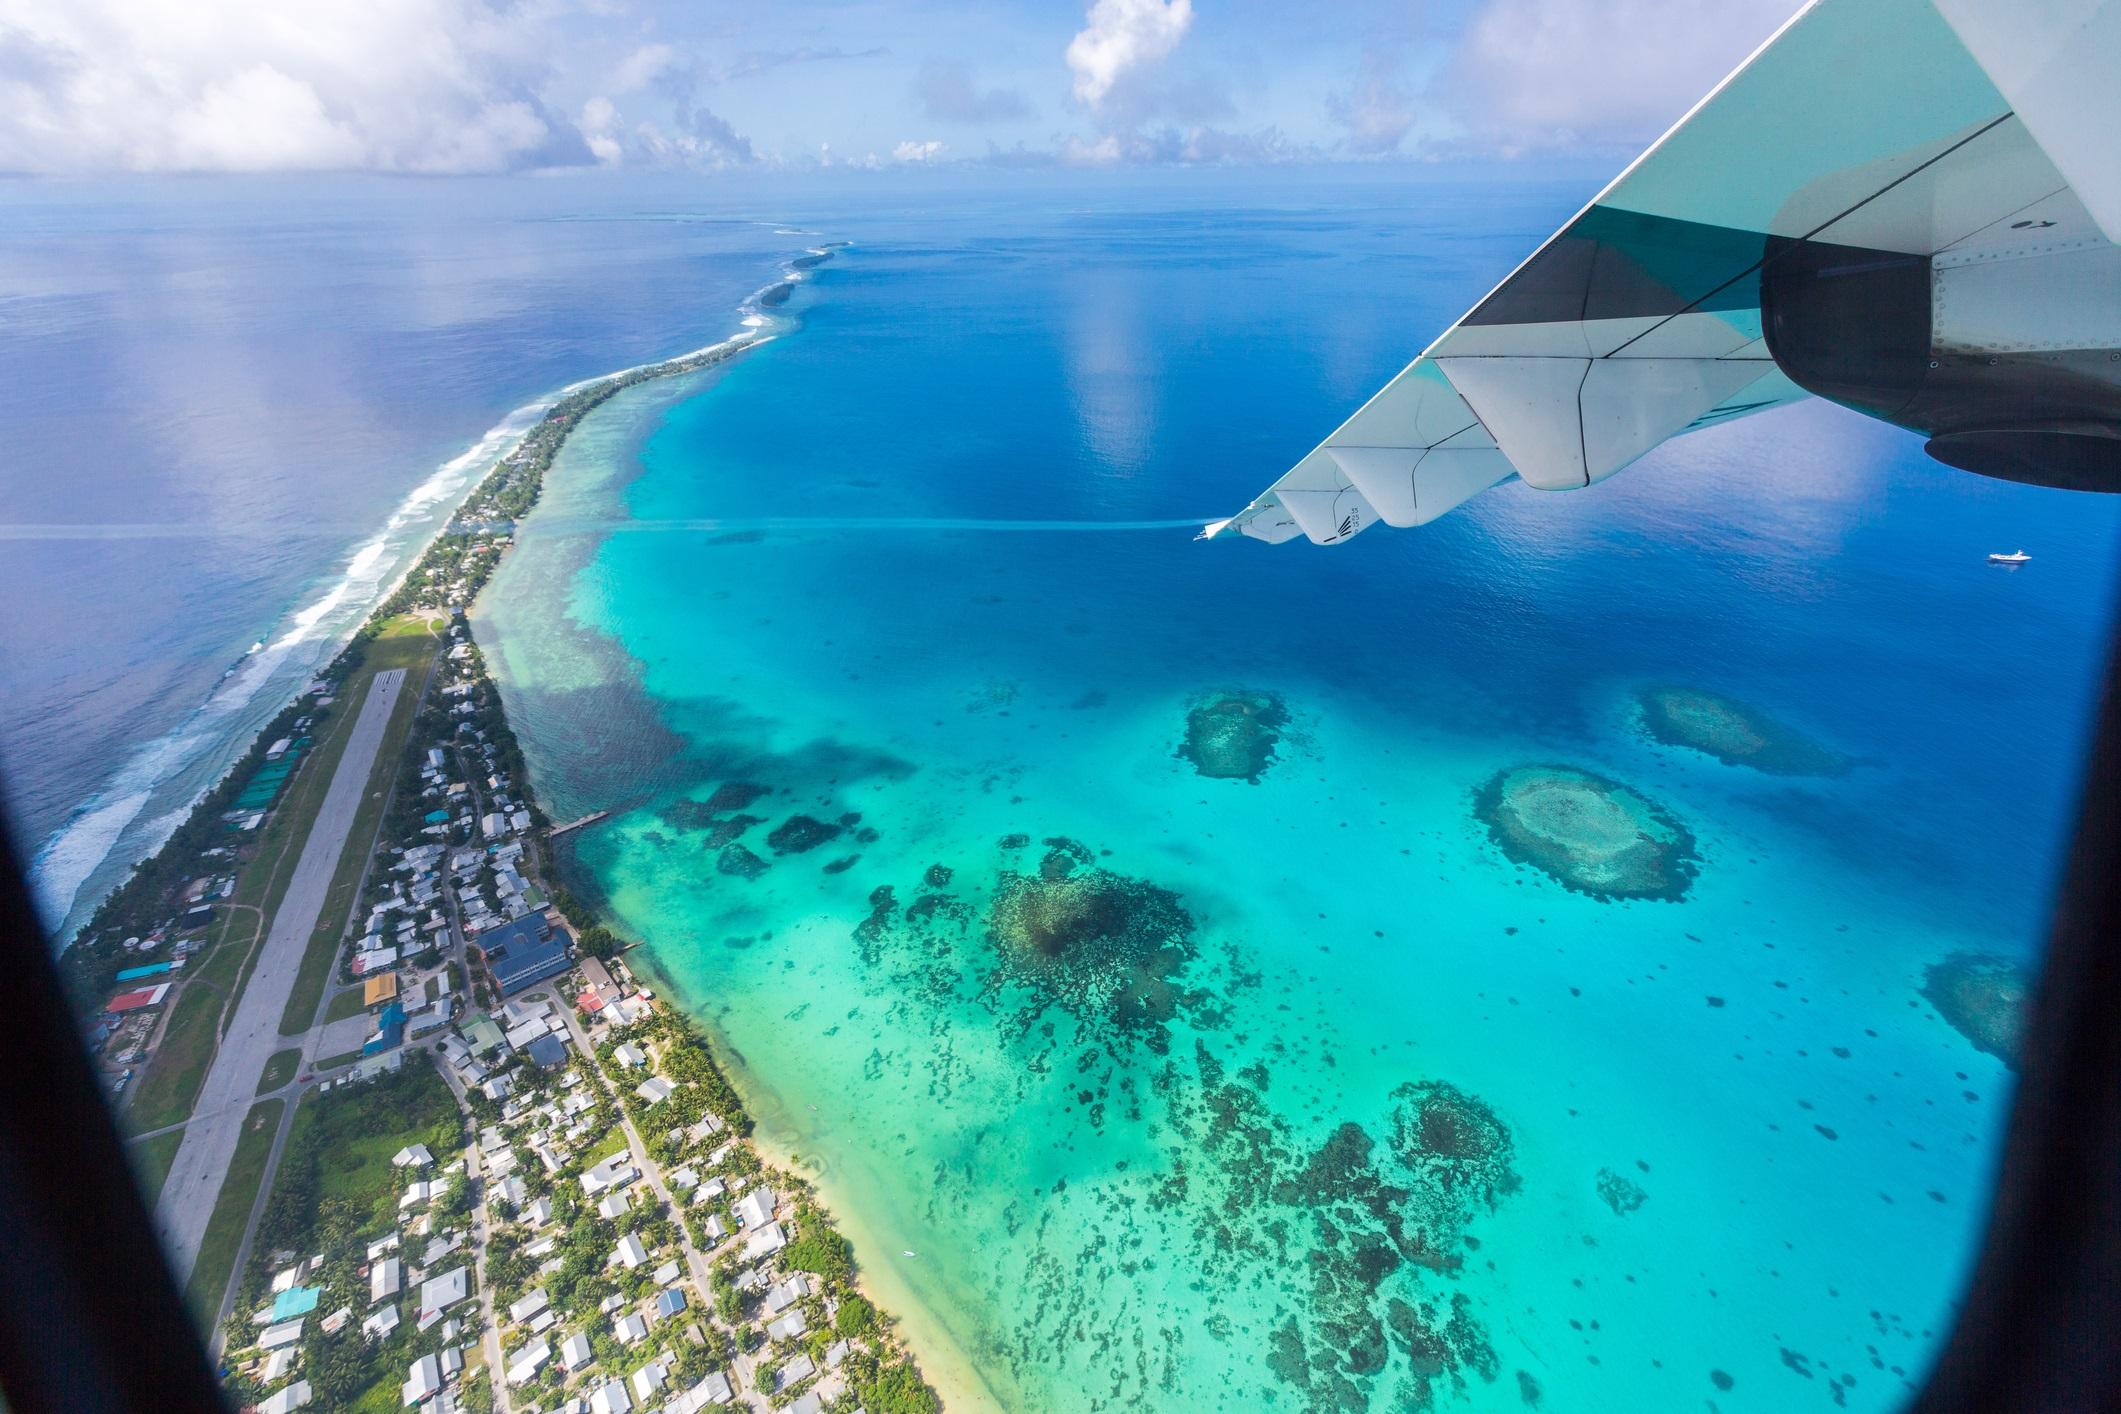 <p><strong>Тувалу</strong></p>  <p>Повече от 25 години неговите жители на Тувалу се тревожат, че изменението на климата може да повиши нивото на океана достатъчно, за да потопи островите. Повишаващото се морско равнище е замърсило ресурсите на подземните води на страната със сол и е довело до намаляване на добивите от реколтите.</p>